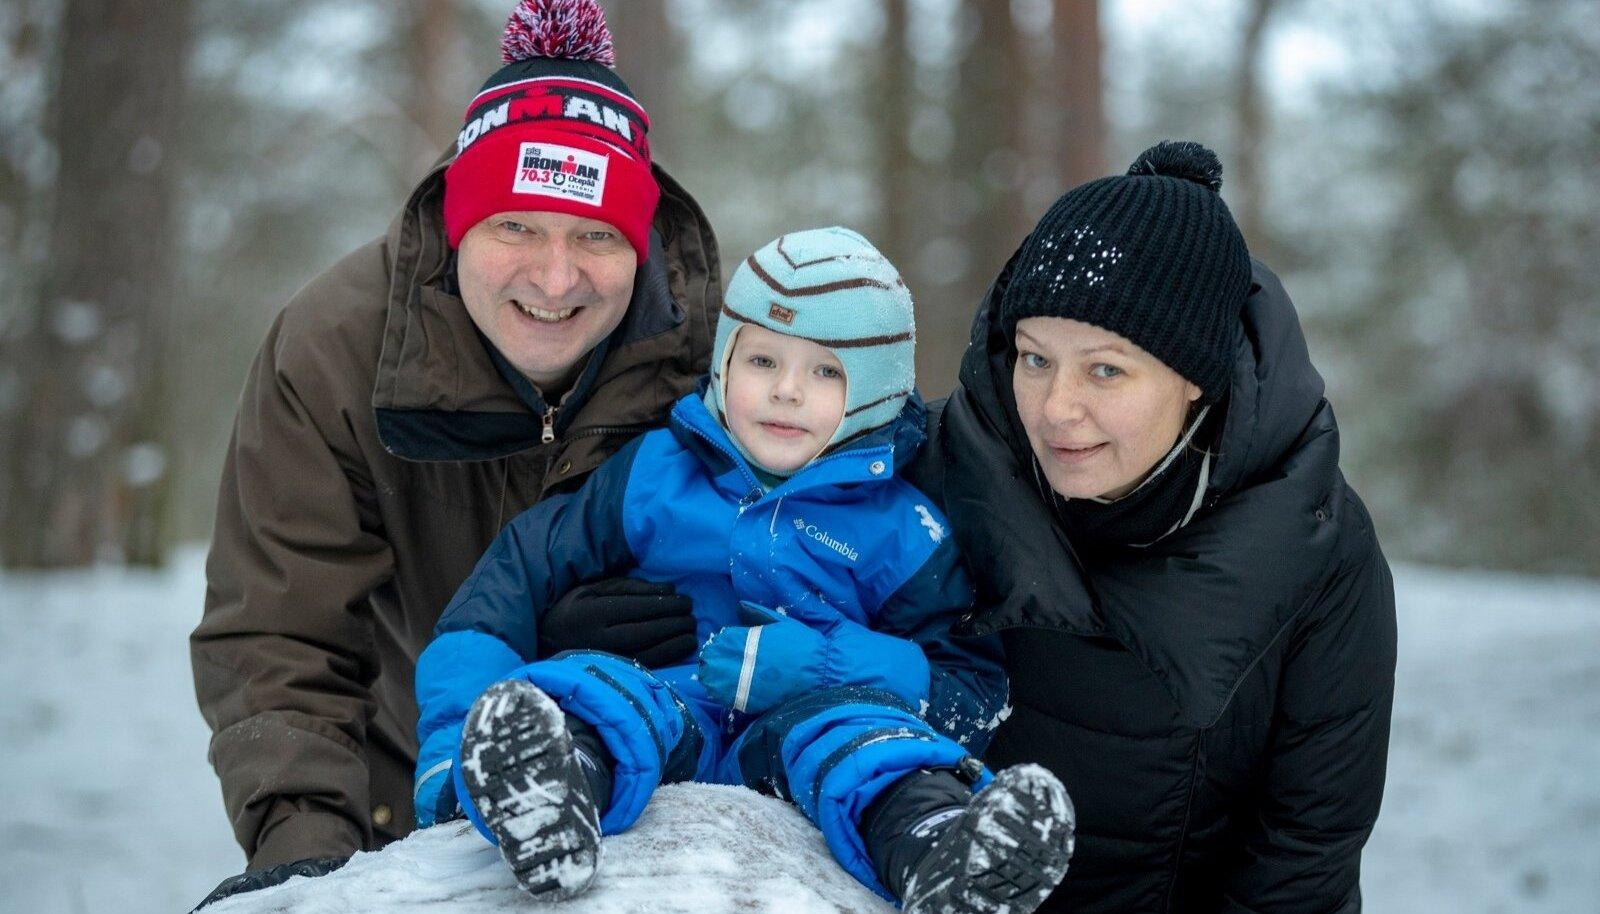 Raivo E. Tamm koos poeg Johannes Hermanni ja abikaasa Helenaga naudib koduses Nõmme metsas talverõõme.